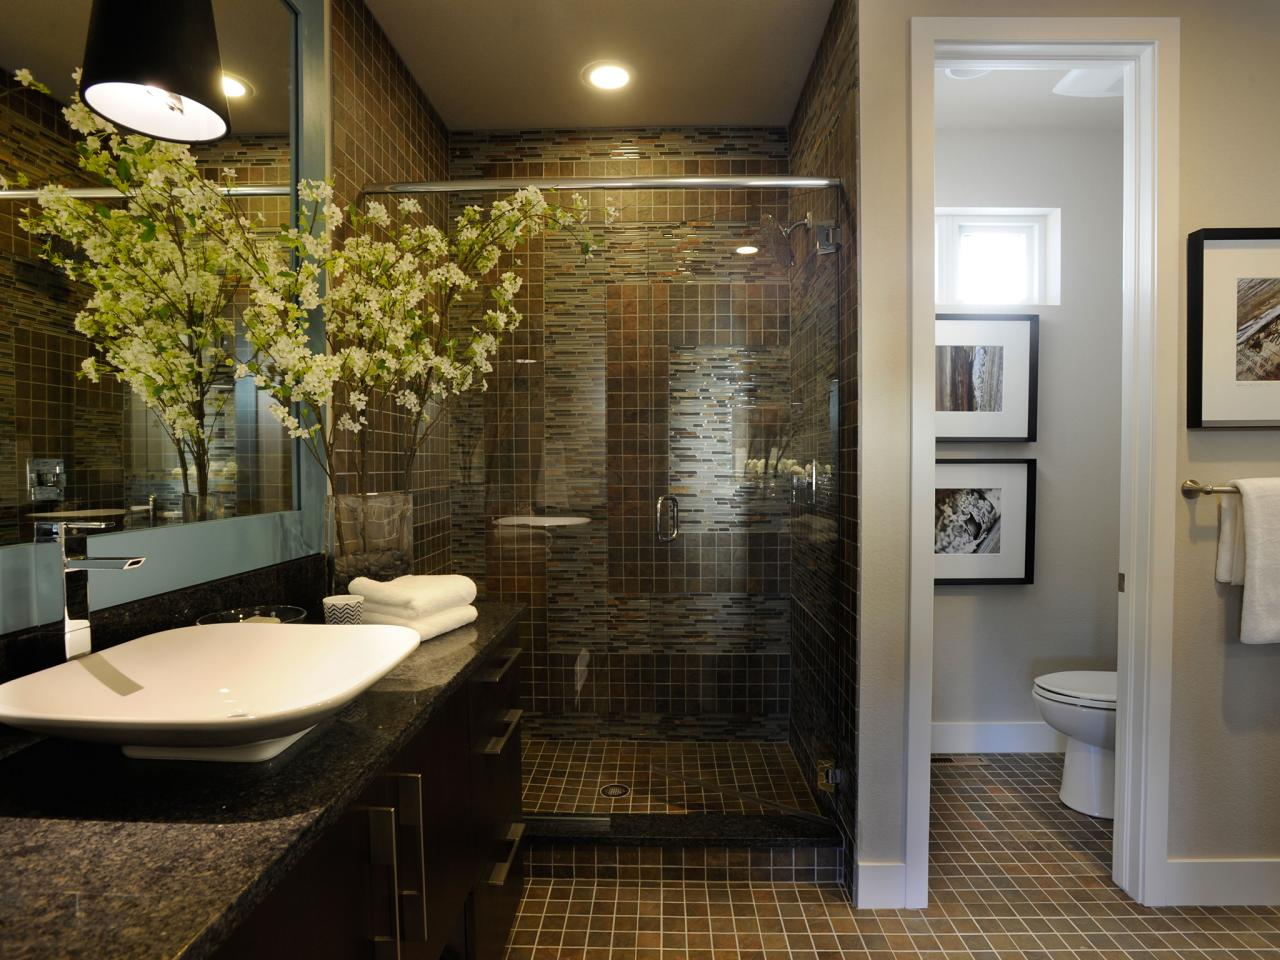 Upgrade Bathroom Upgrade Your Bathroom To A Home Spa  Minnesota Rusco